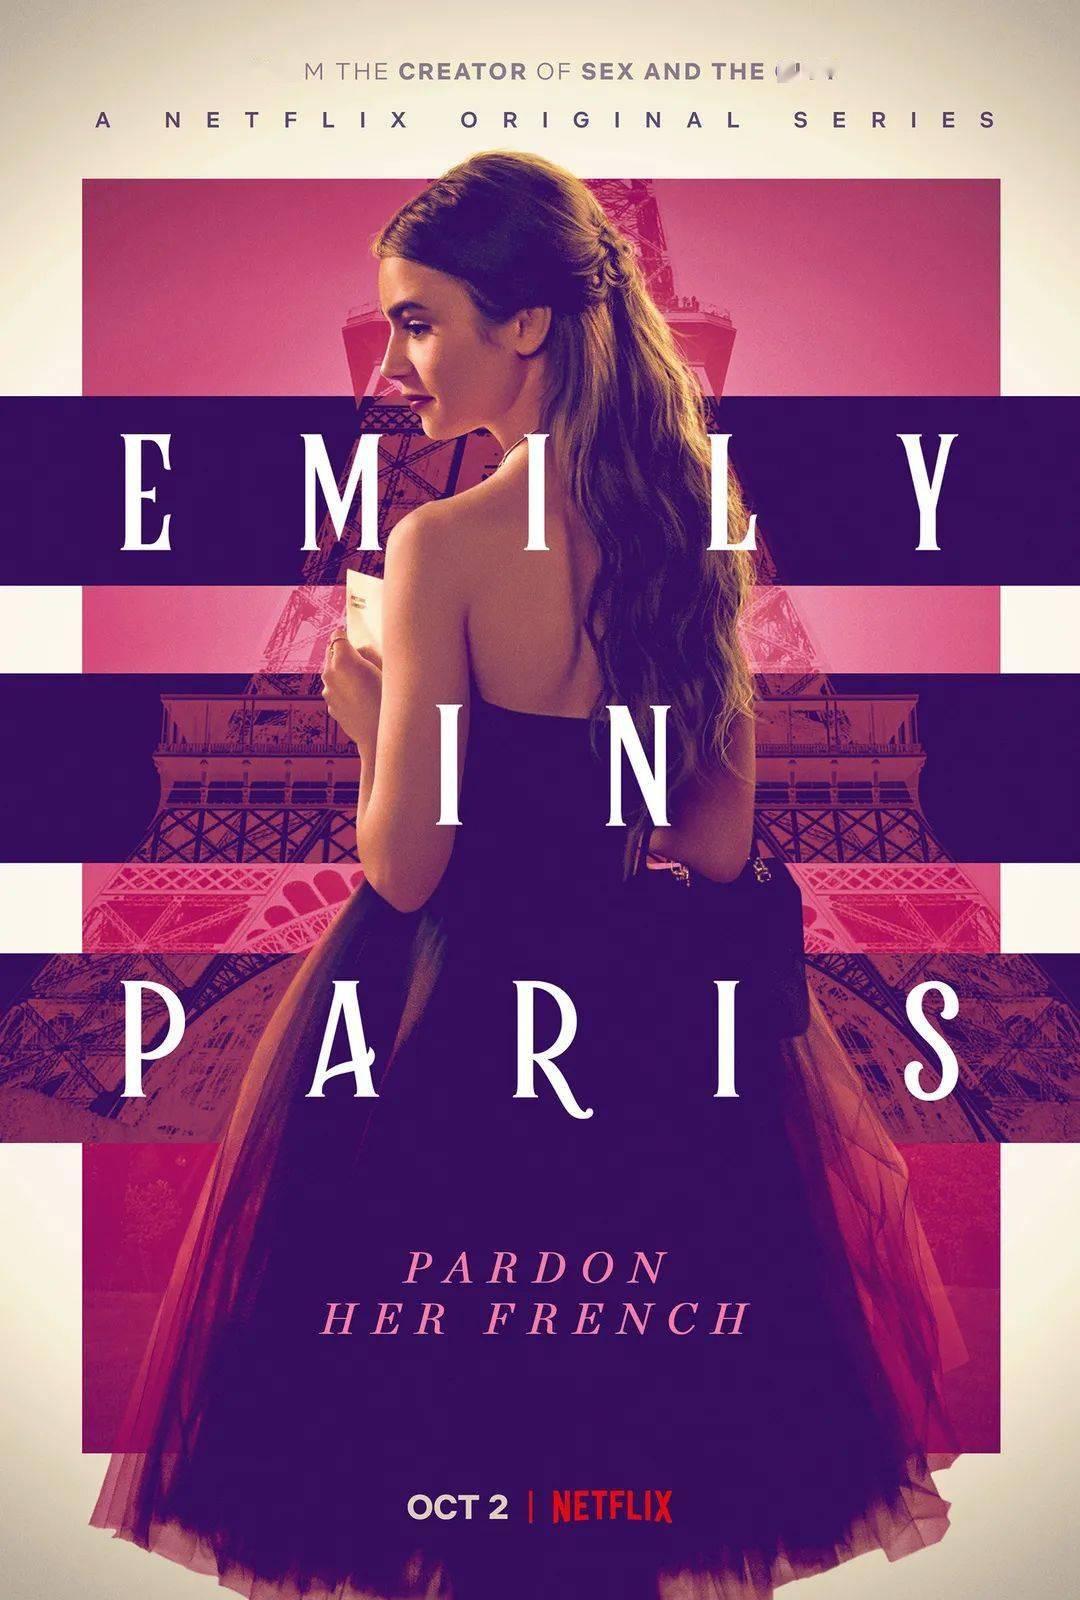 穿成这样还想去巴黎当网红?百万大牌都救不了她溢出屏幕的土味!